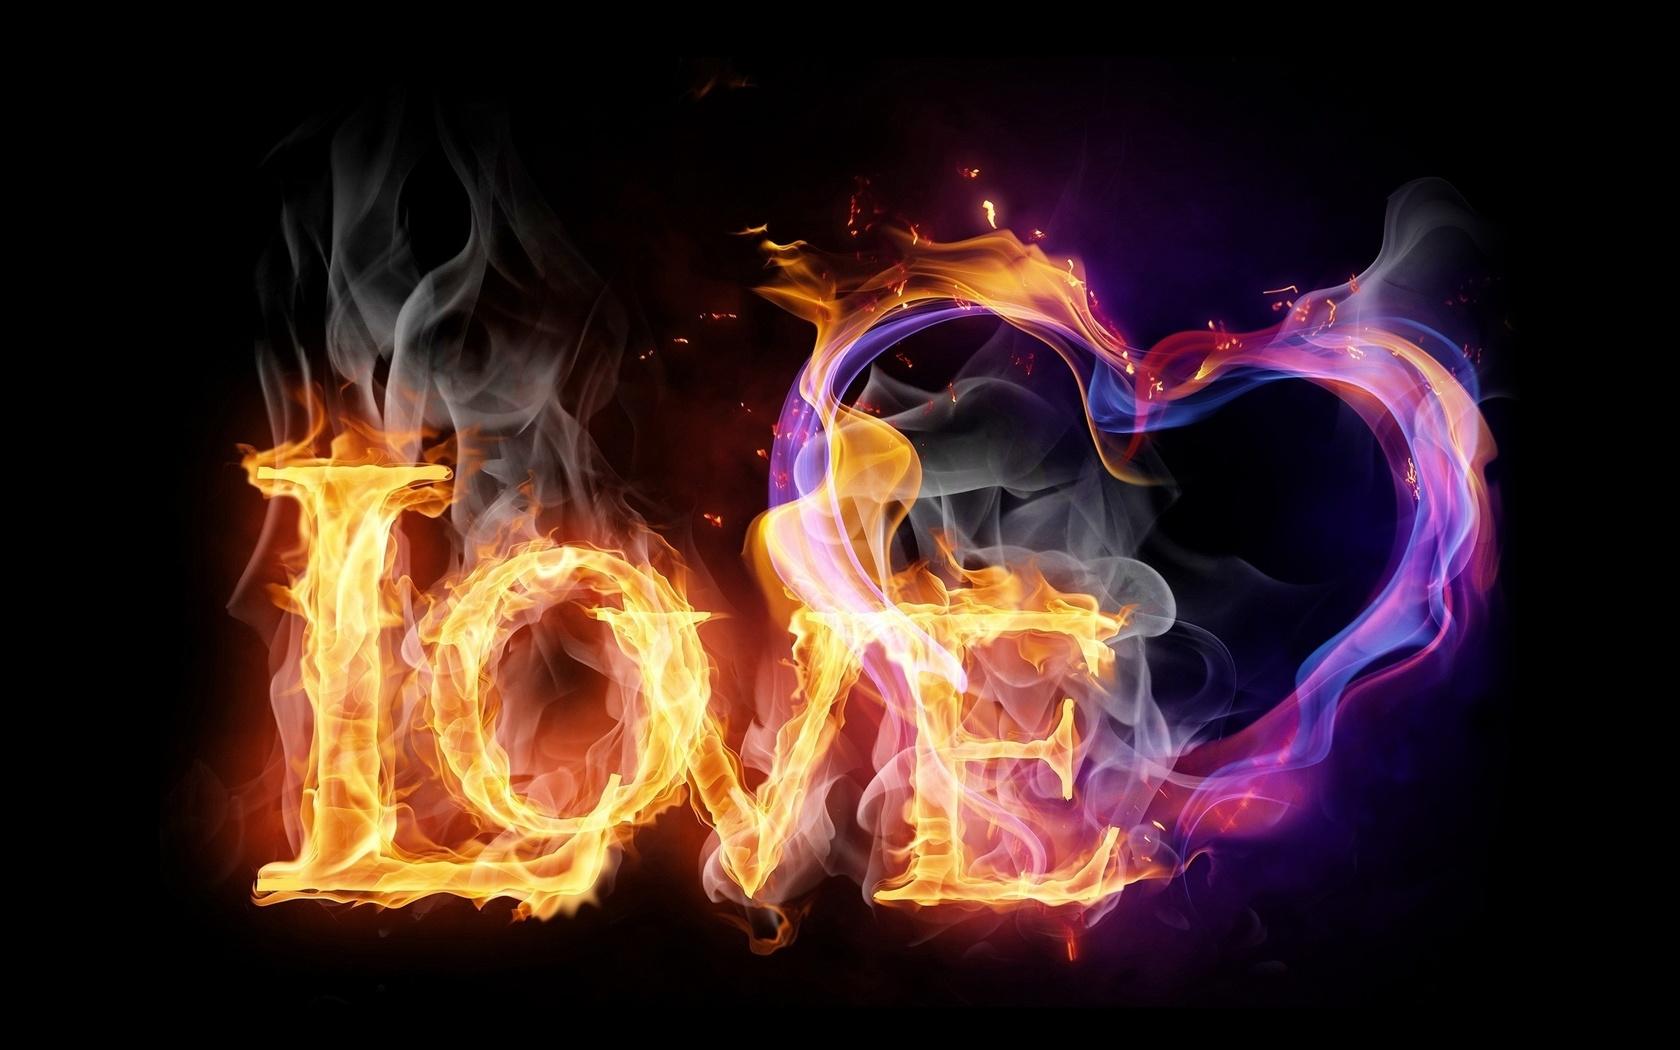 Контакт открытки, картинки с надписями про любовь вконтакте